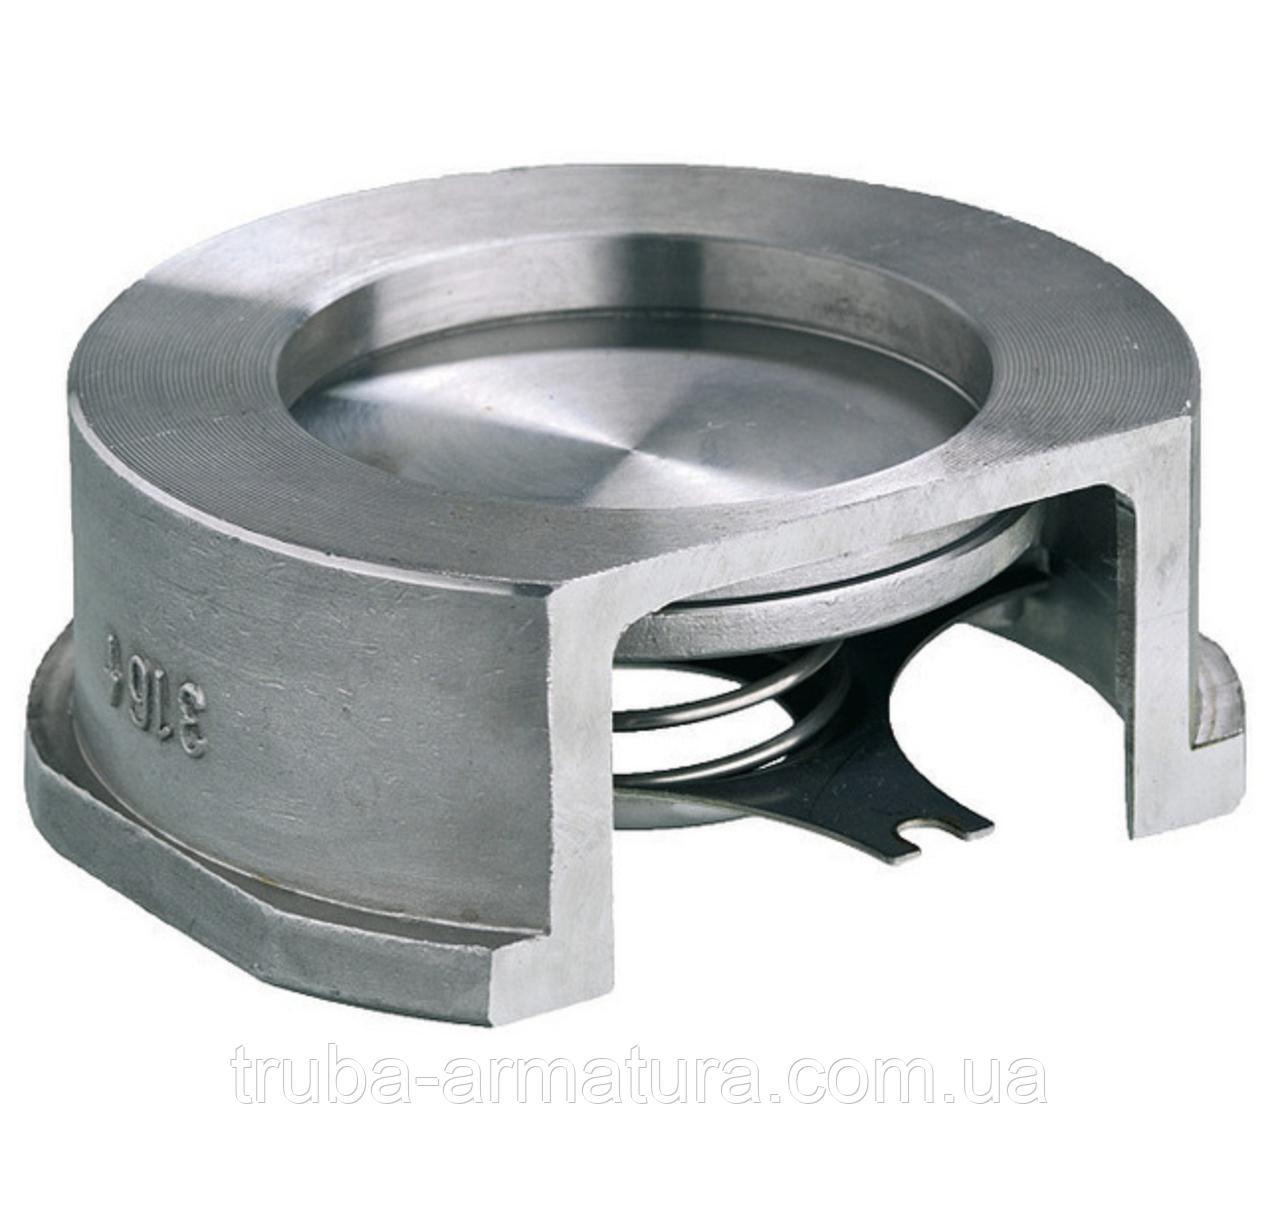 Клапан обратный дисковый межфланцевый из нержавеющей стали DN 20 PN 4,0 МПа